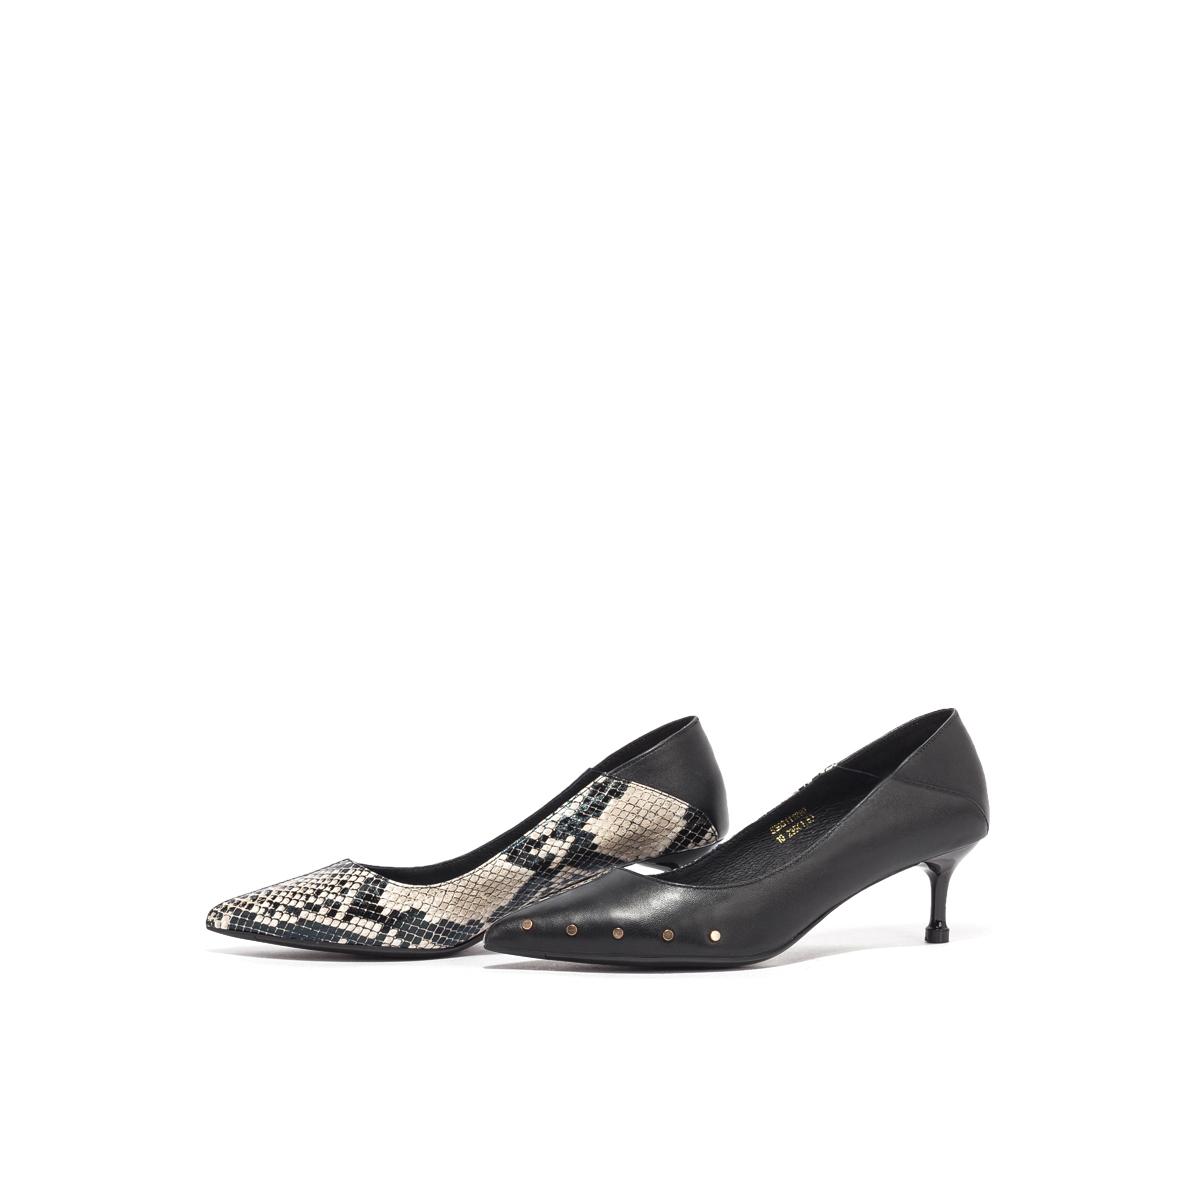 星期六尖头鞋 星期六2020秋季新款拼接铆钉女鞋尖头细高跟浅口单鞋SS03111290_推荐淘宝好看的女星期六尖头鞋